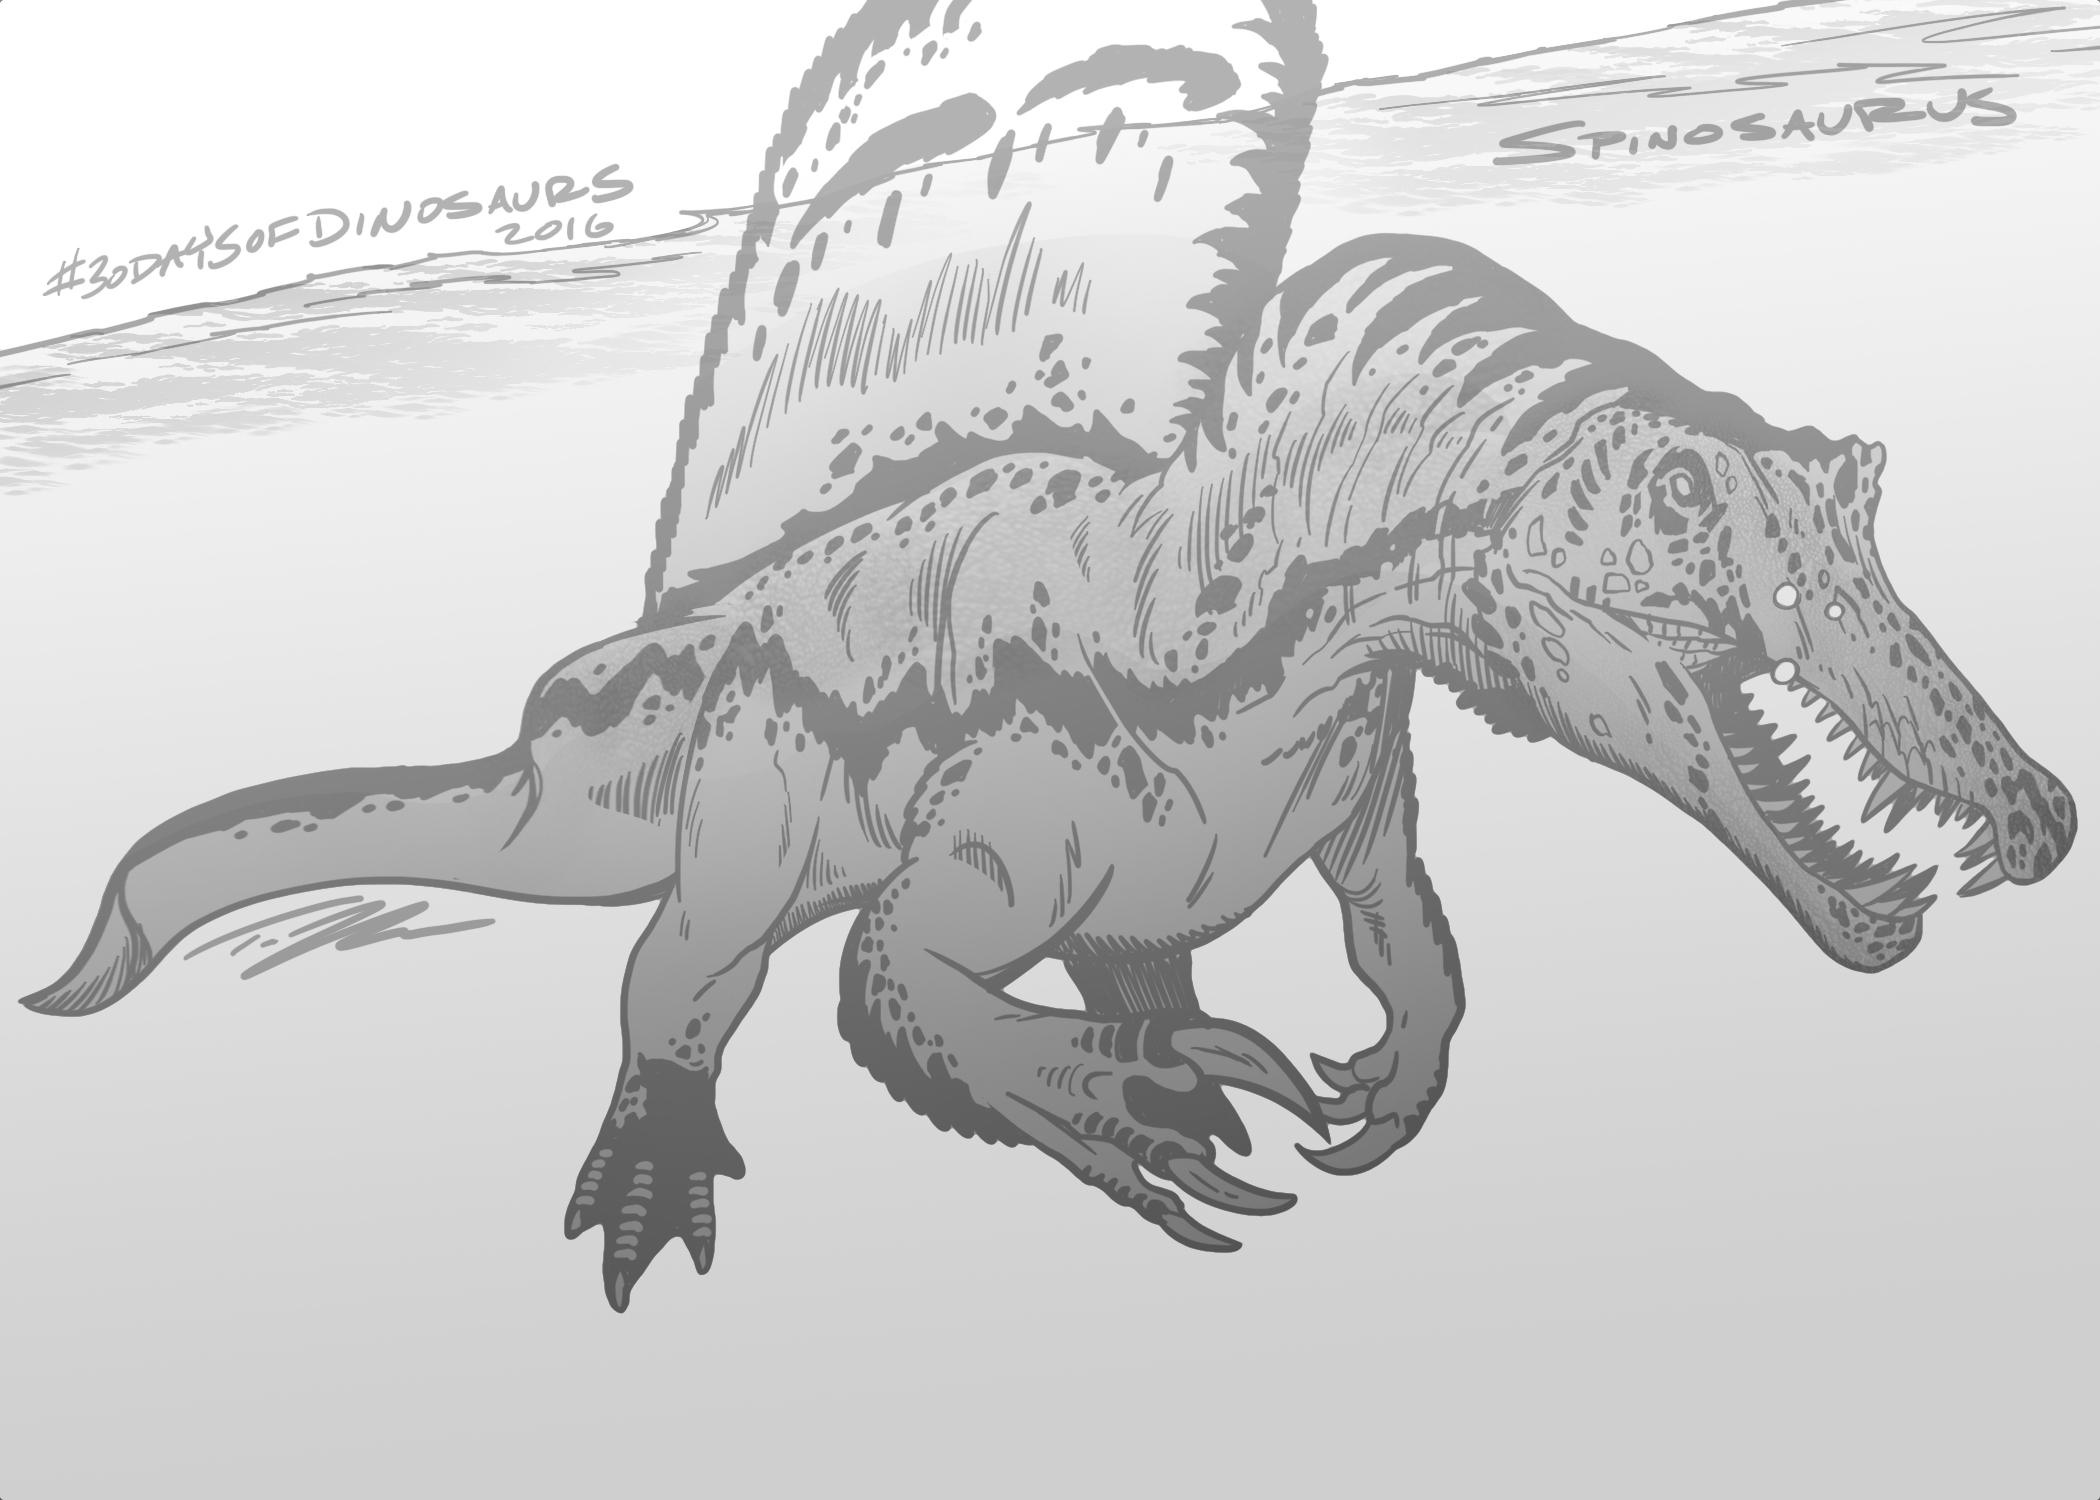 SpinosaurusTedRechlin